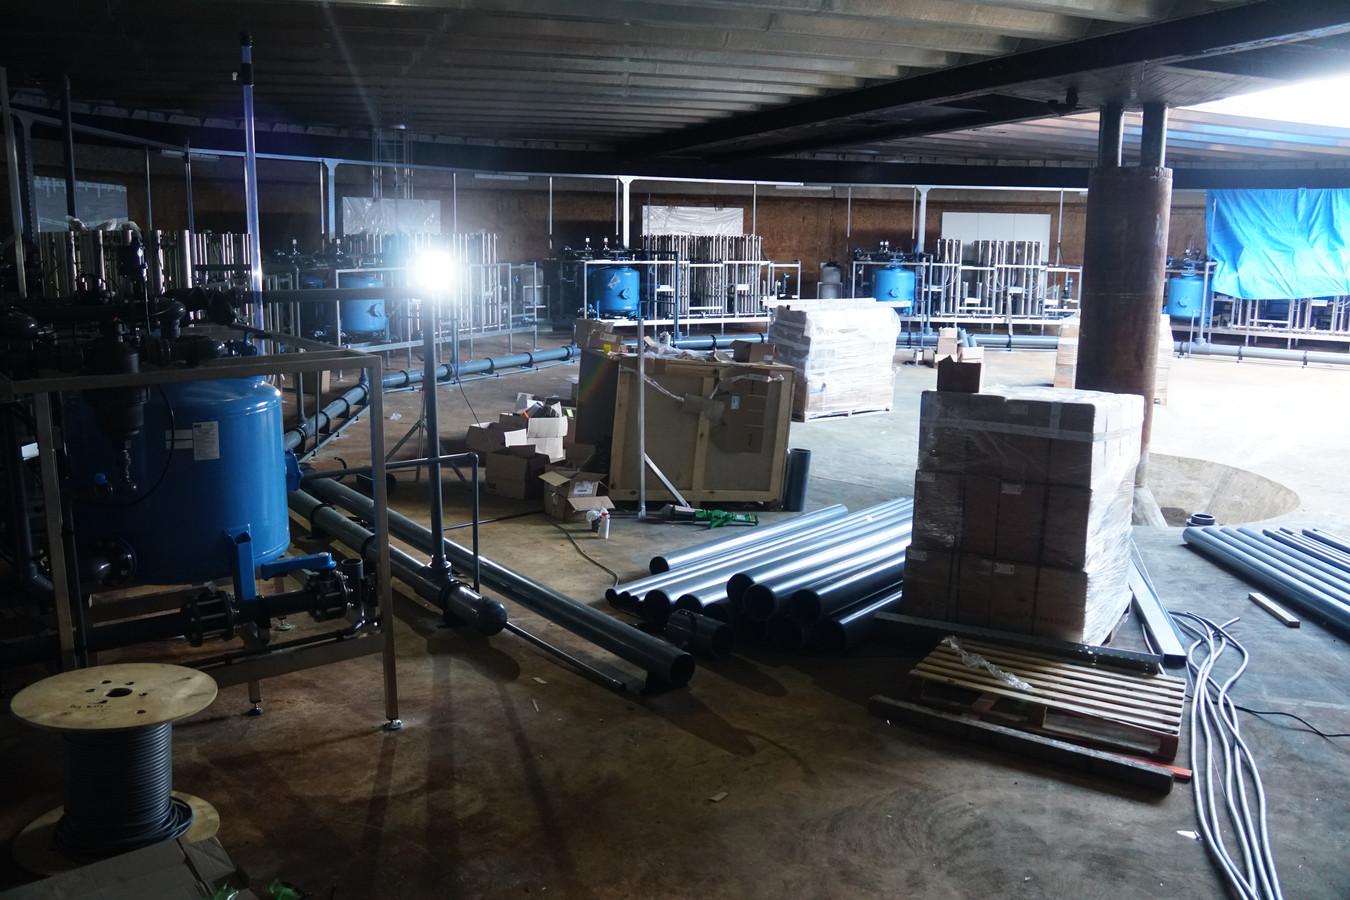 De filterruimte met tien machines wordt gebouwd in een bestaande ruimte: voorbezinktank van de zuiveringsinstallatie die niet meer in gebruik was.